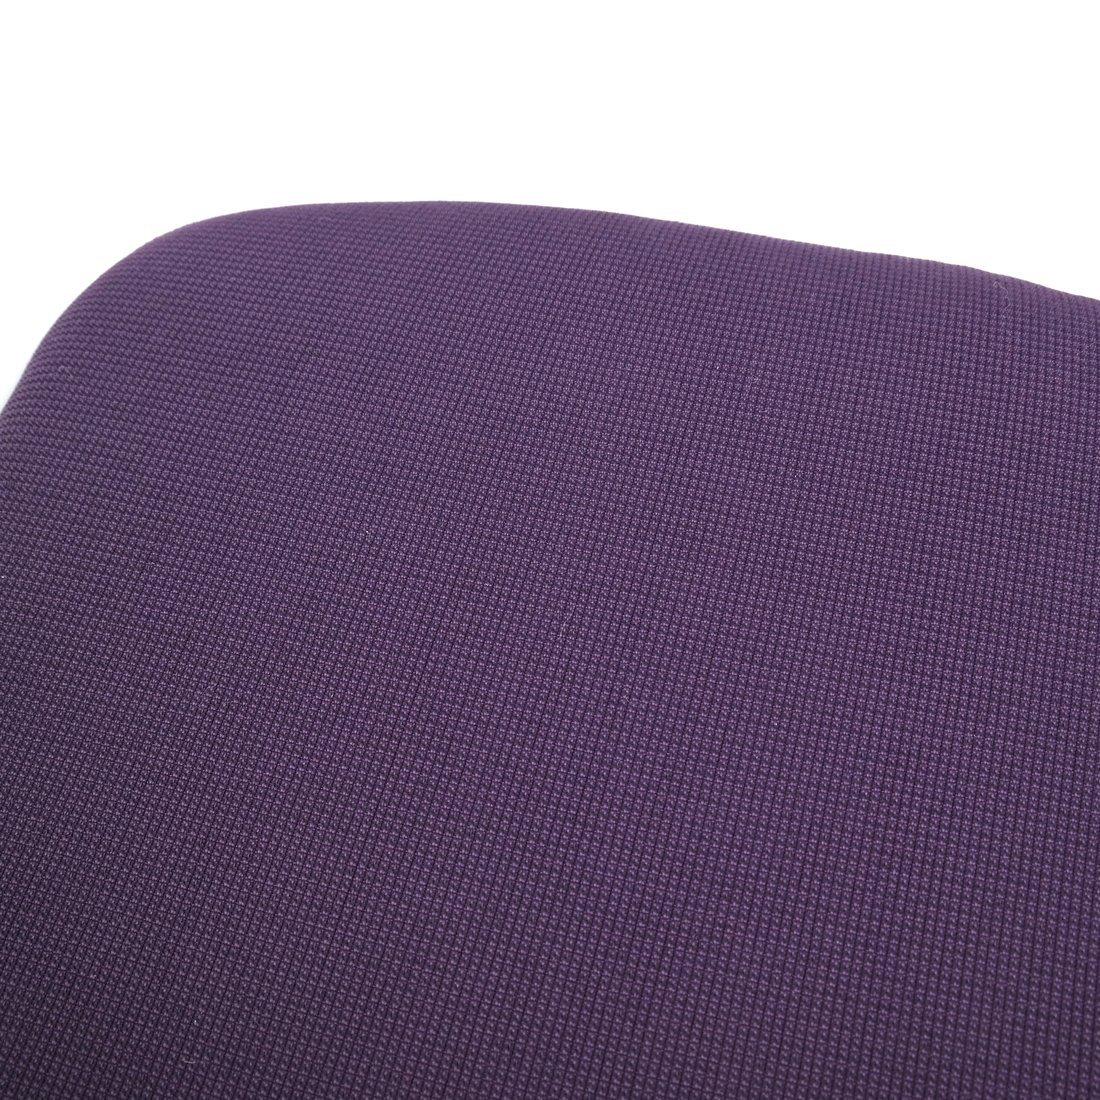 Eero Saarinen Tulip Chair - 4